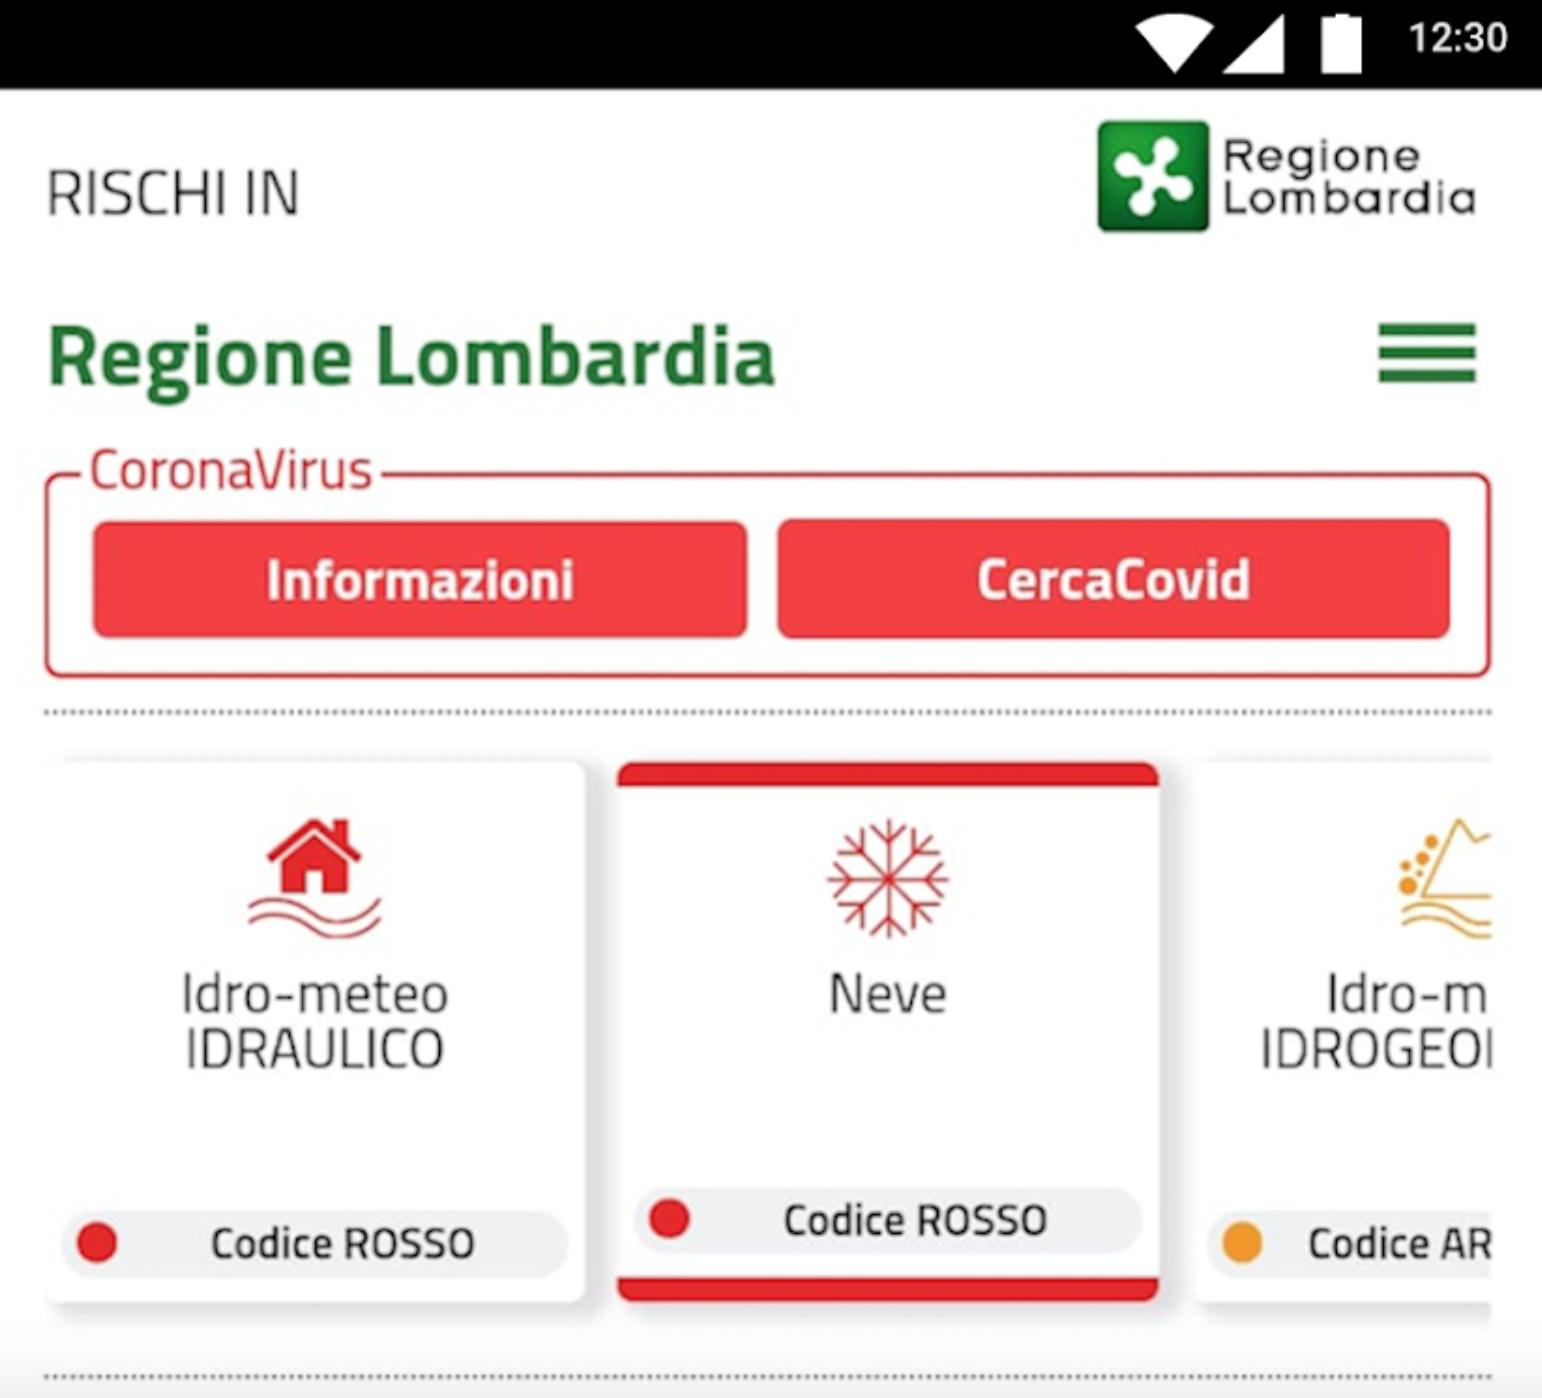 Covid 19, come funziona l'app che vuole mappare il contagio in Lombardia